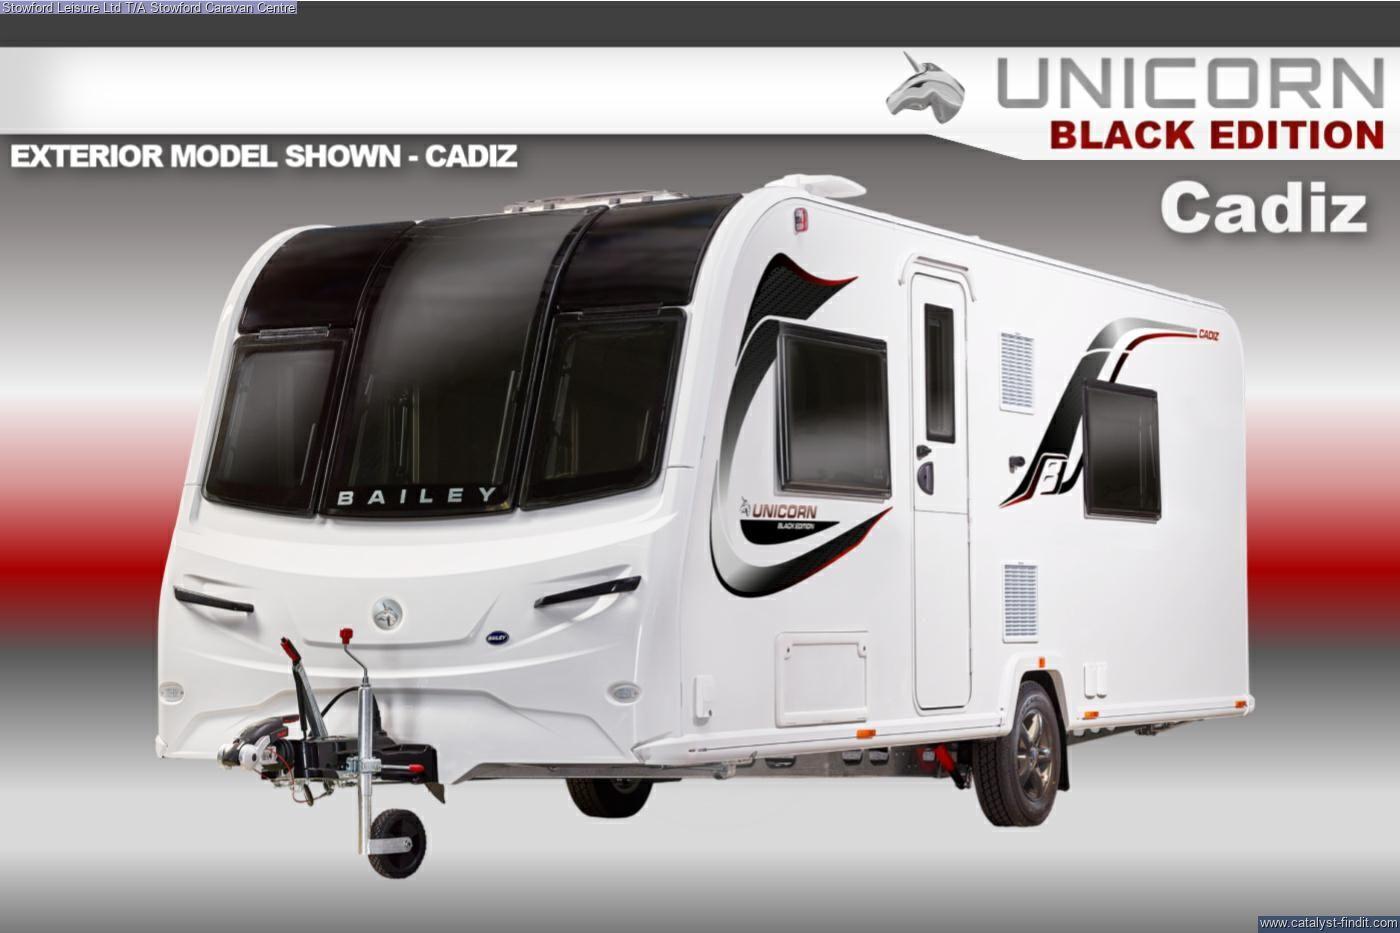 Bailey Unicorn Black Edition Cadiz 2021